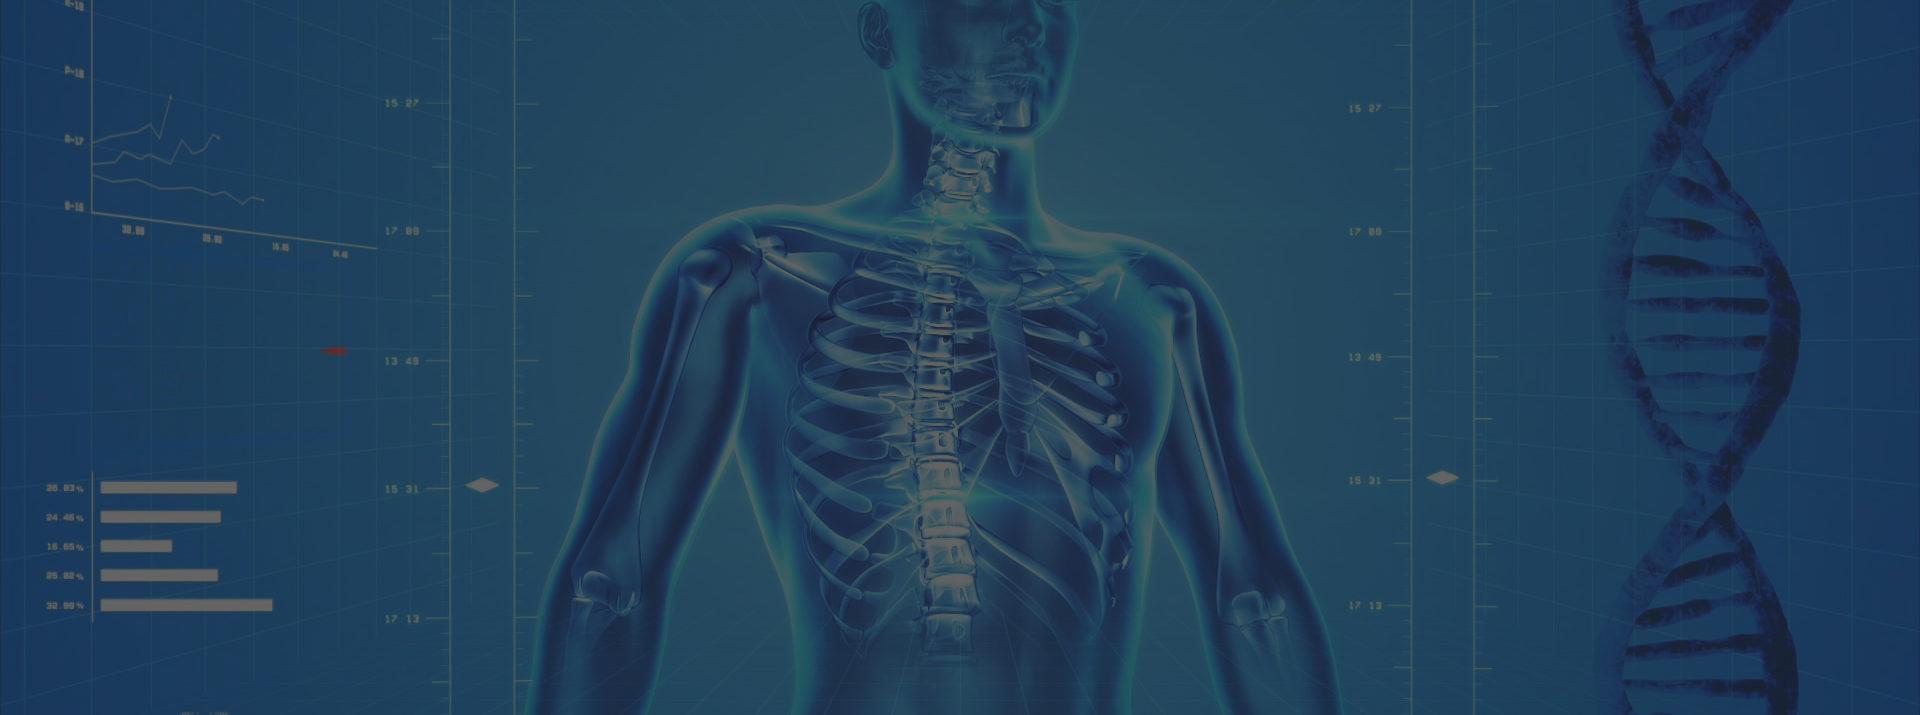 Expliquer en termes simples cette vision globale du corps humain